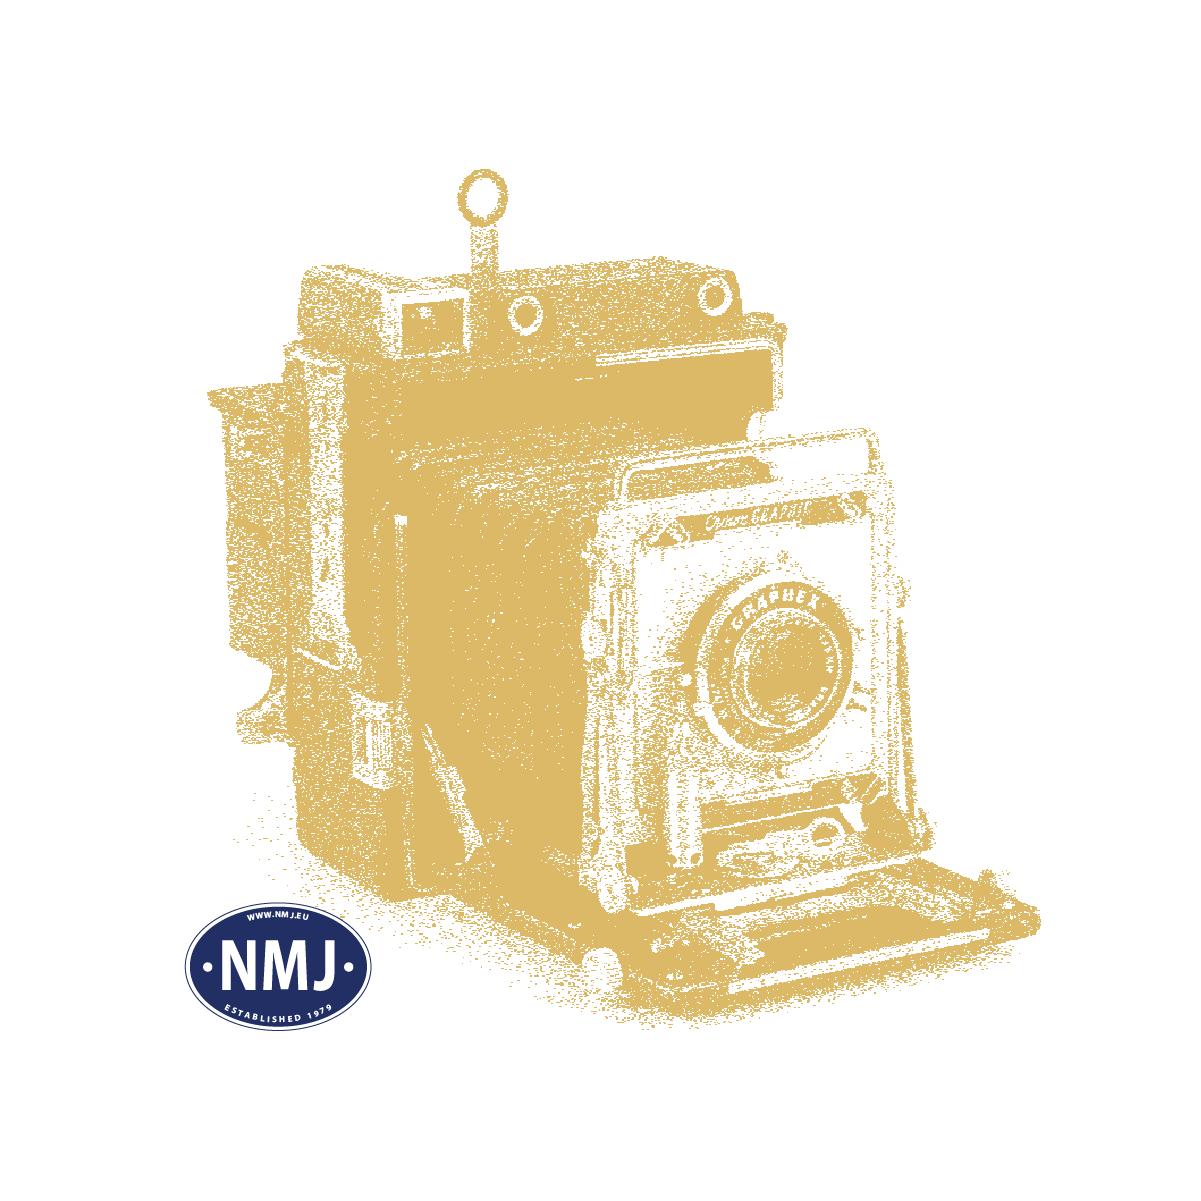 NMJT9913 - Spiegel und Leiter für El13 rot(nydesign)